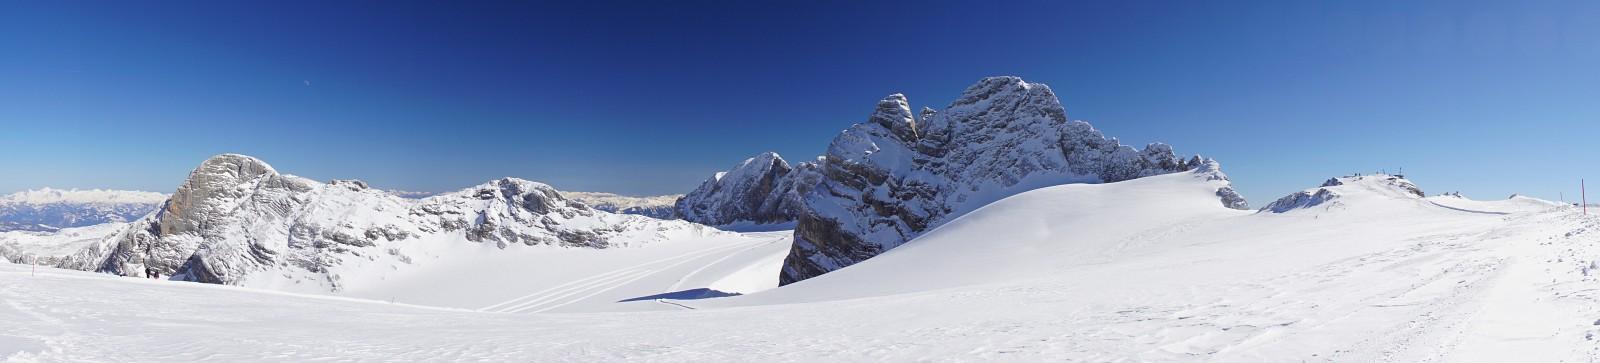 Hoher Gjaidstein (links), Großer Koppenkarstein (Bildmitte im Hintergrund), Dachstein-Dirndln (rechts der Bildmitte) und Seethalerhütte rechts